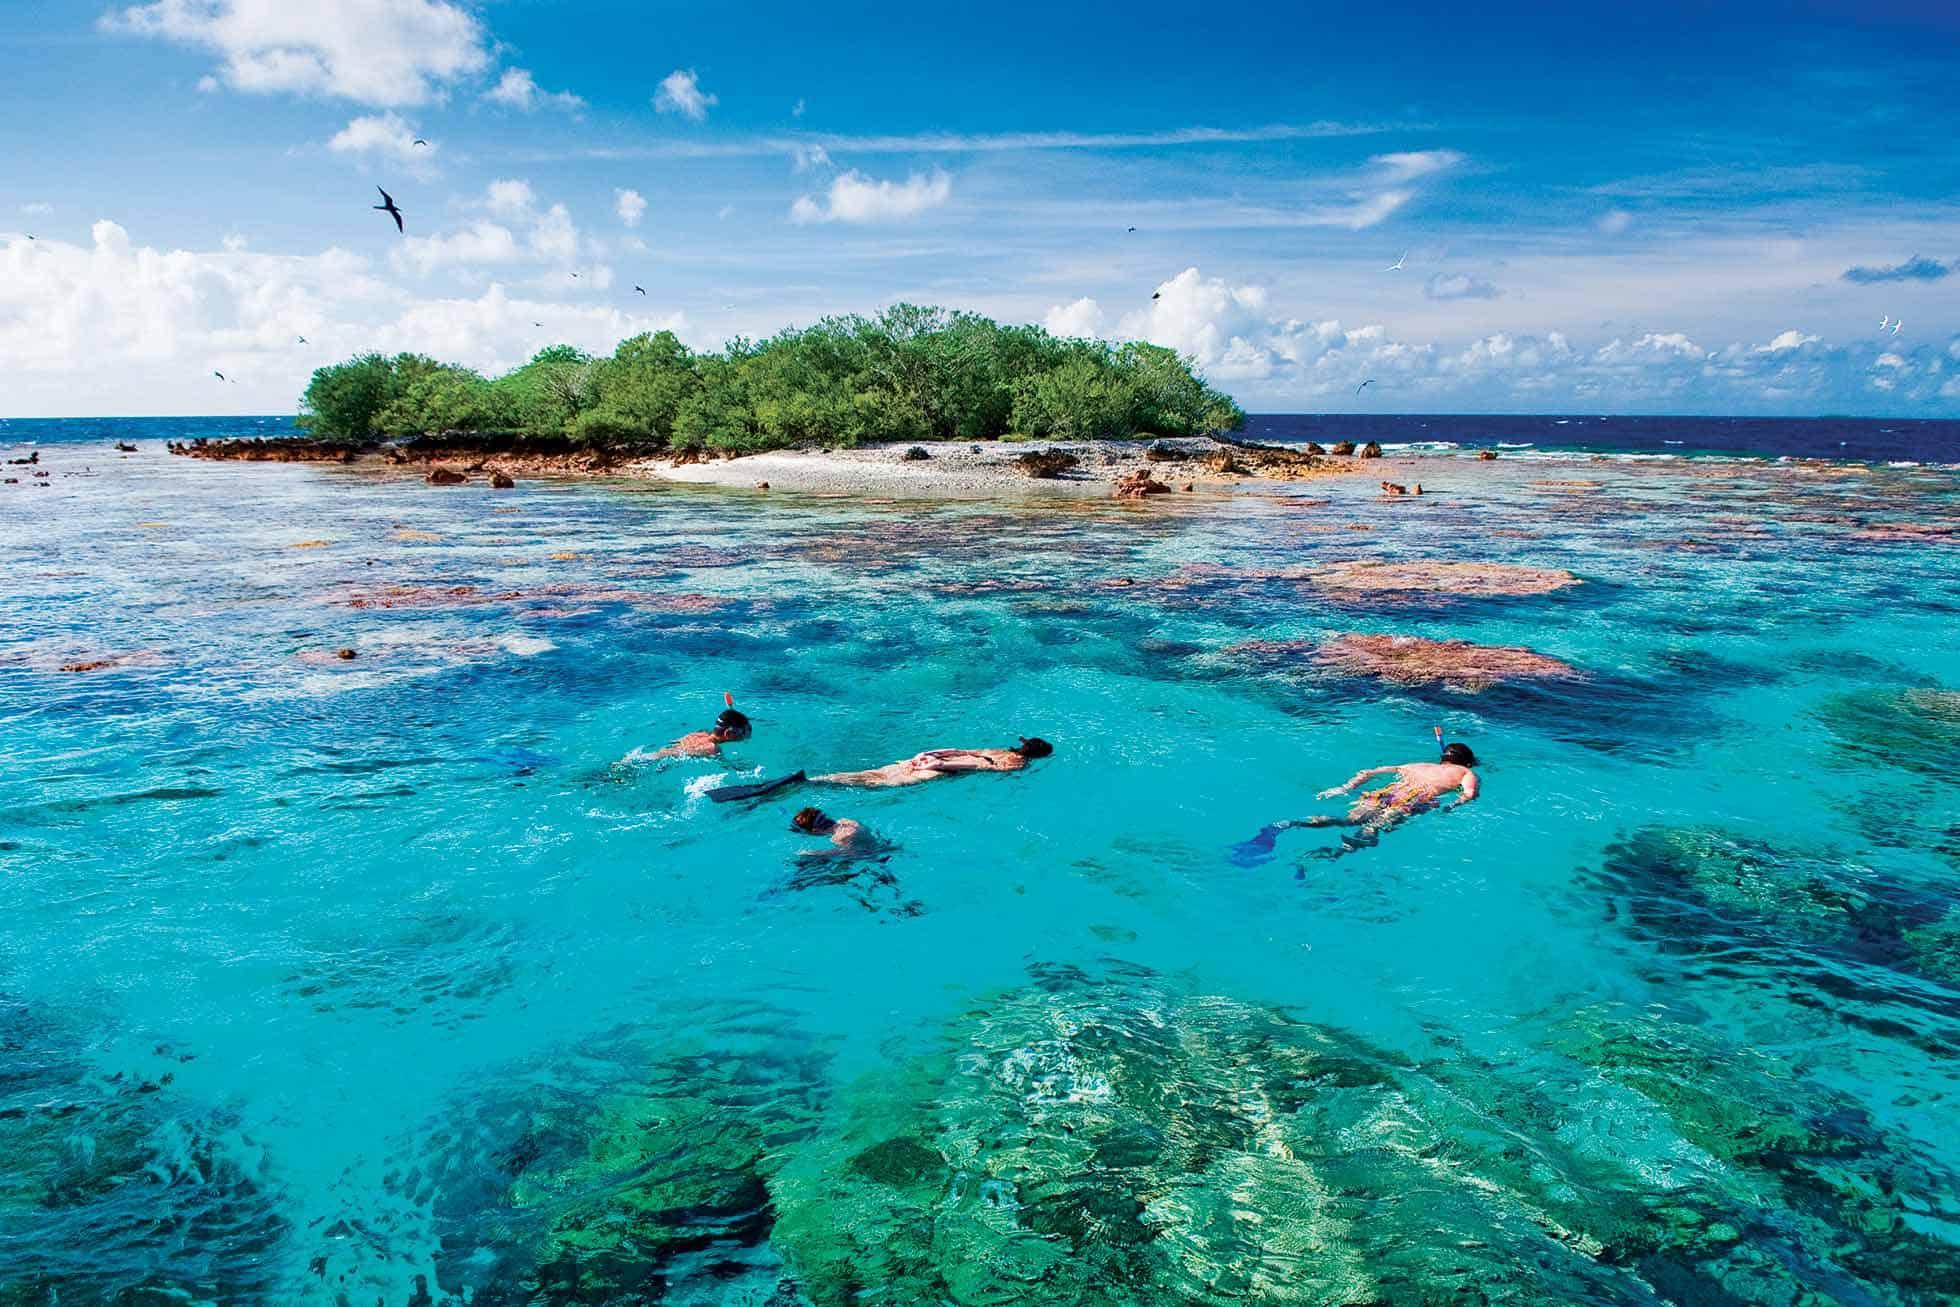 Fakarava The Tuamotus French Polynesia beaches, best beaches of French Polynesia, best beaches of Tuamotus